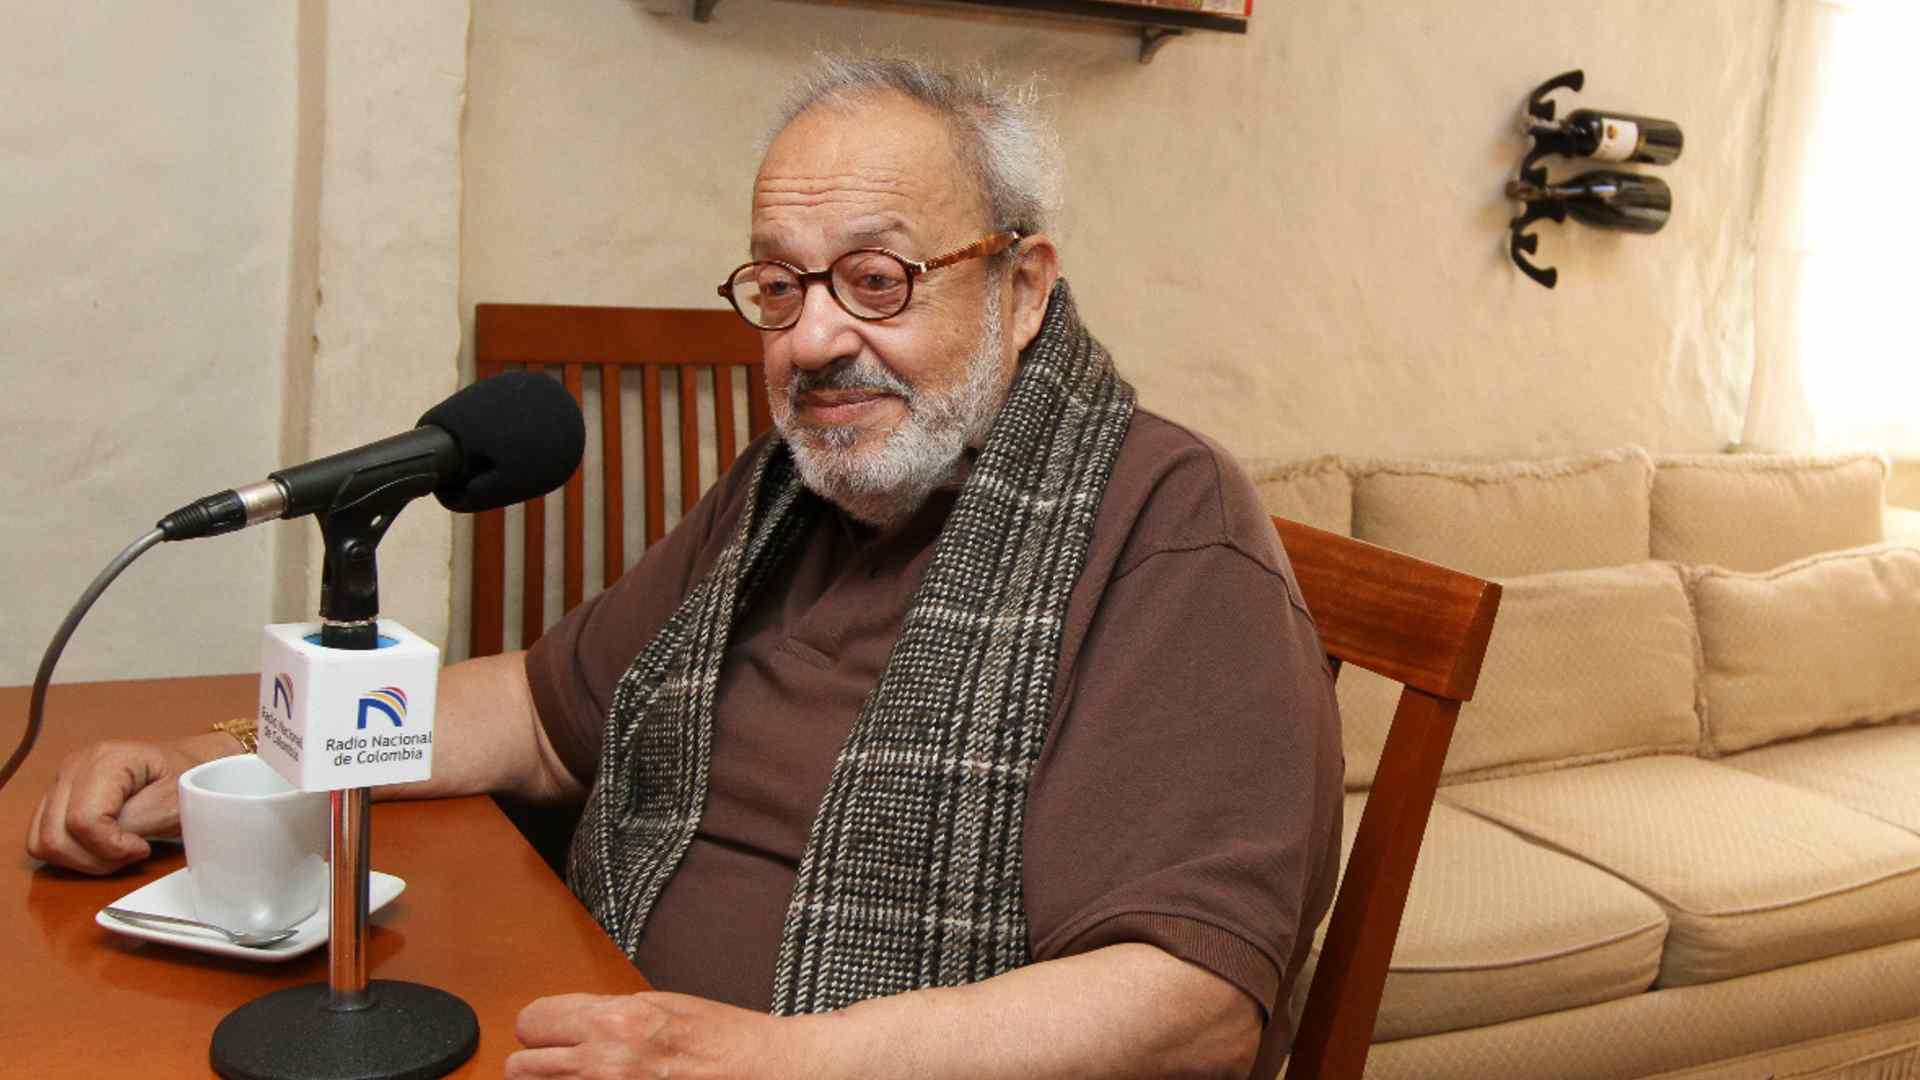 Carlos 'El Gordo' Benjumea